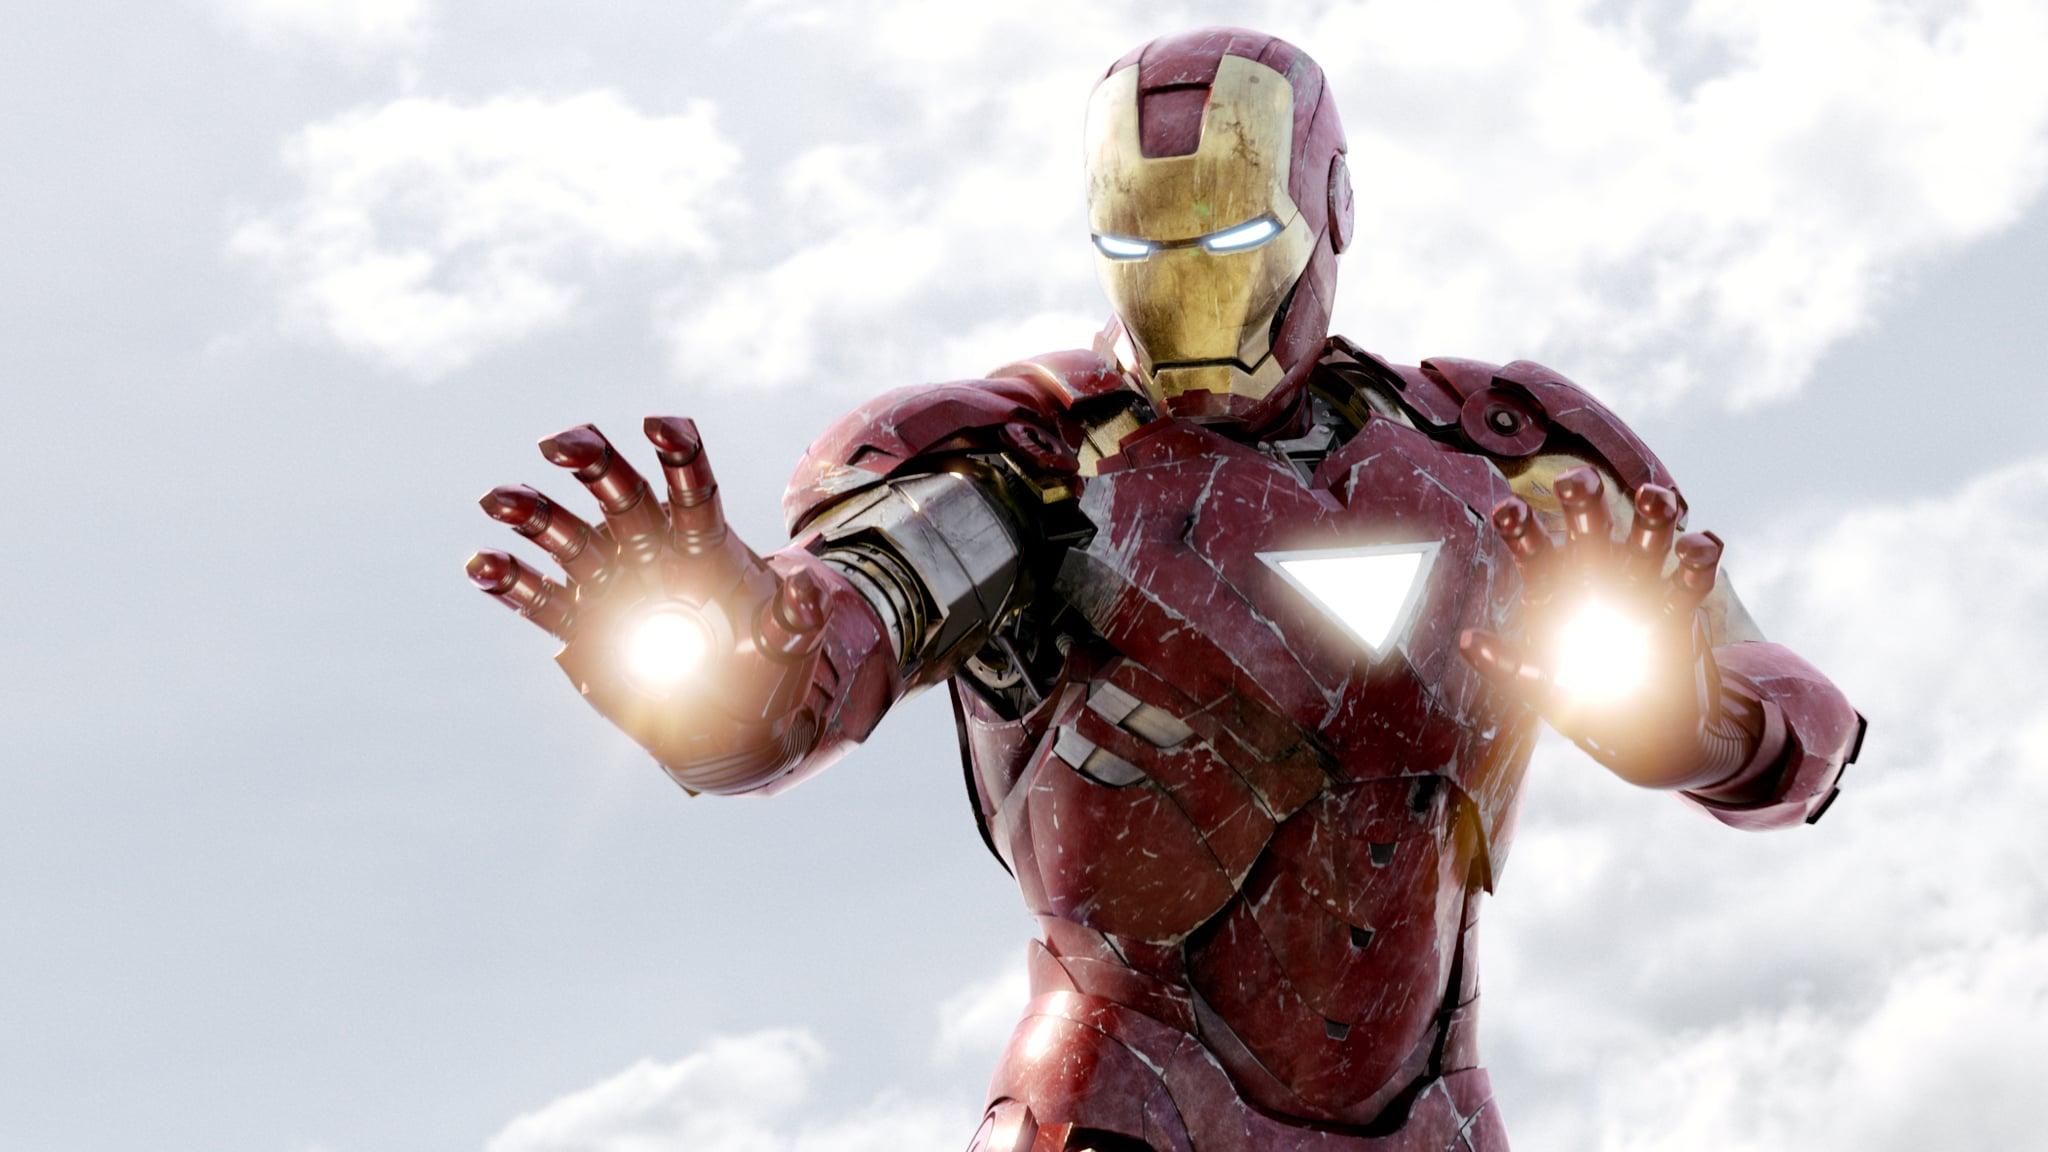 Zuckerberg cerca la voce per la sua AI Jarvis e Iron Man si propone